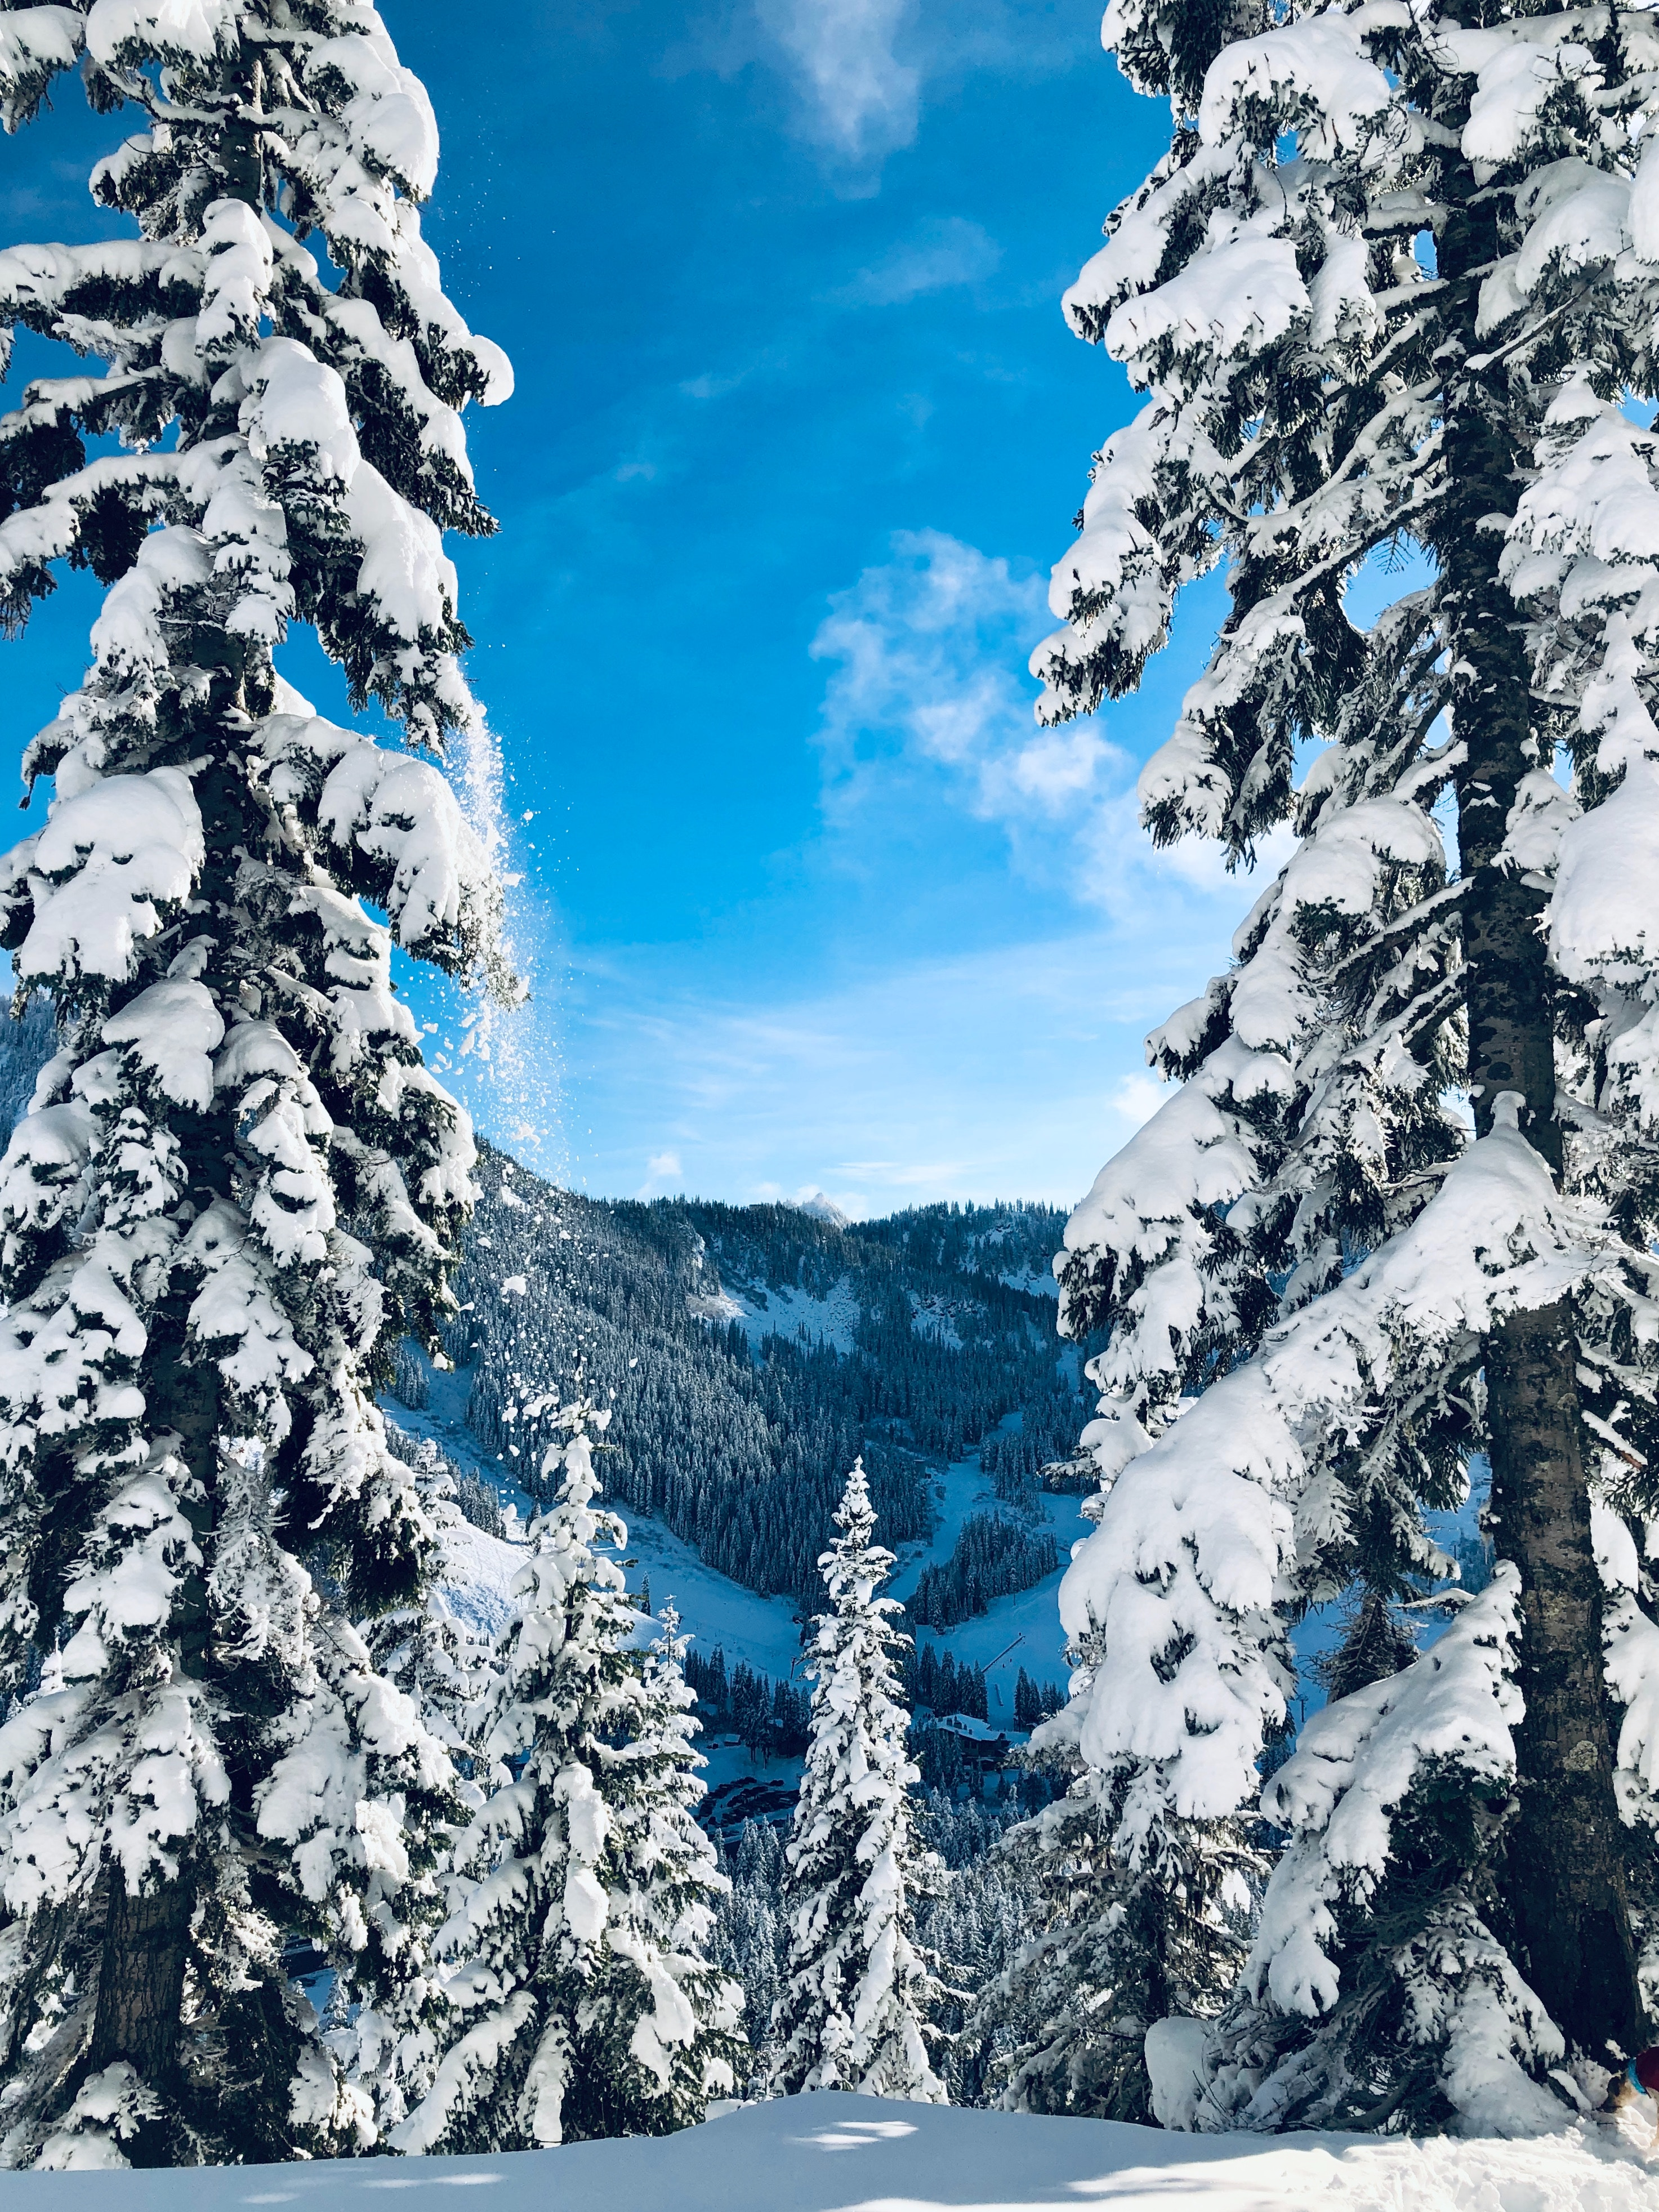 88701 скачать обои Природа, Зима, Снег, Деревья, Заснеженный, Пейзаж, Елки - заставки и картинки бесплатно